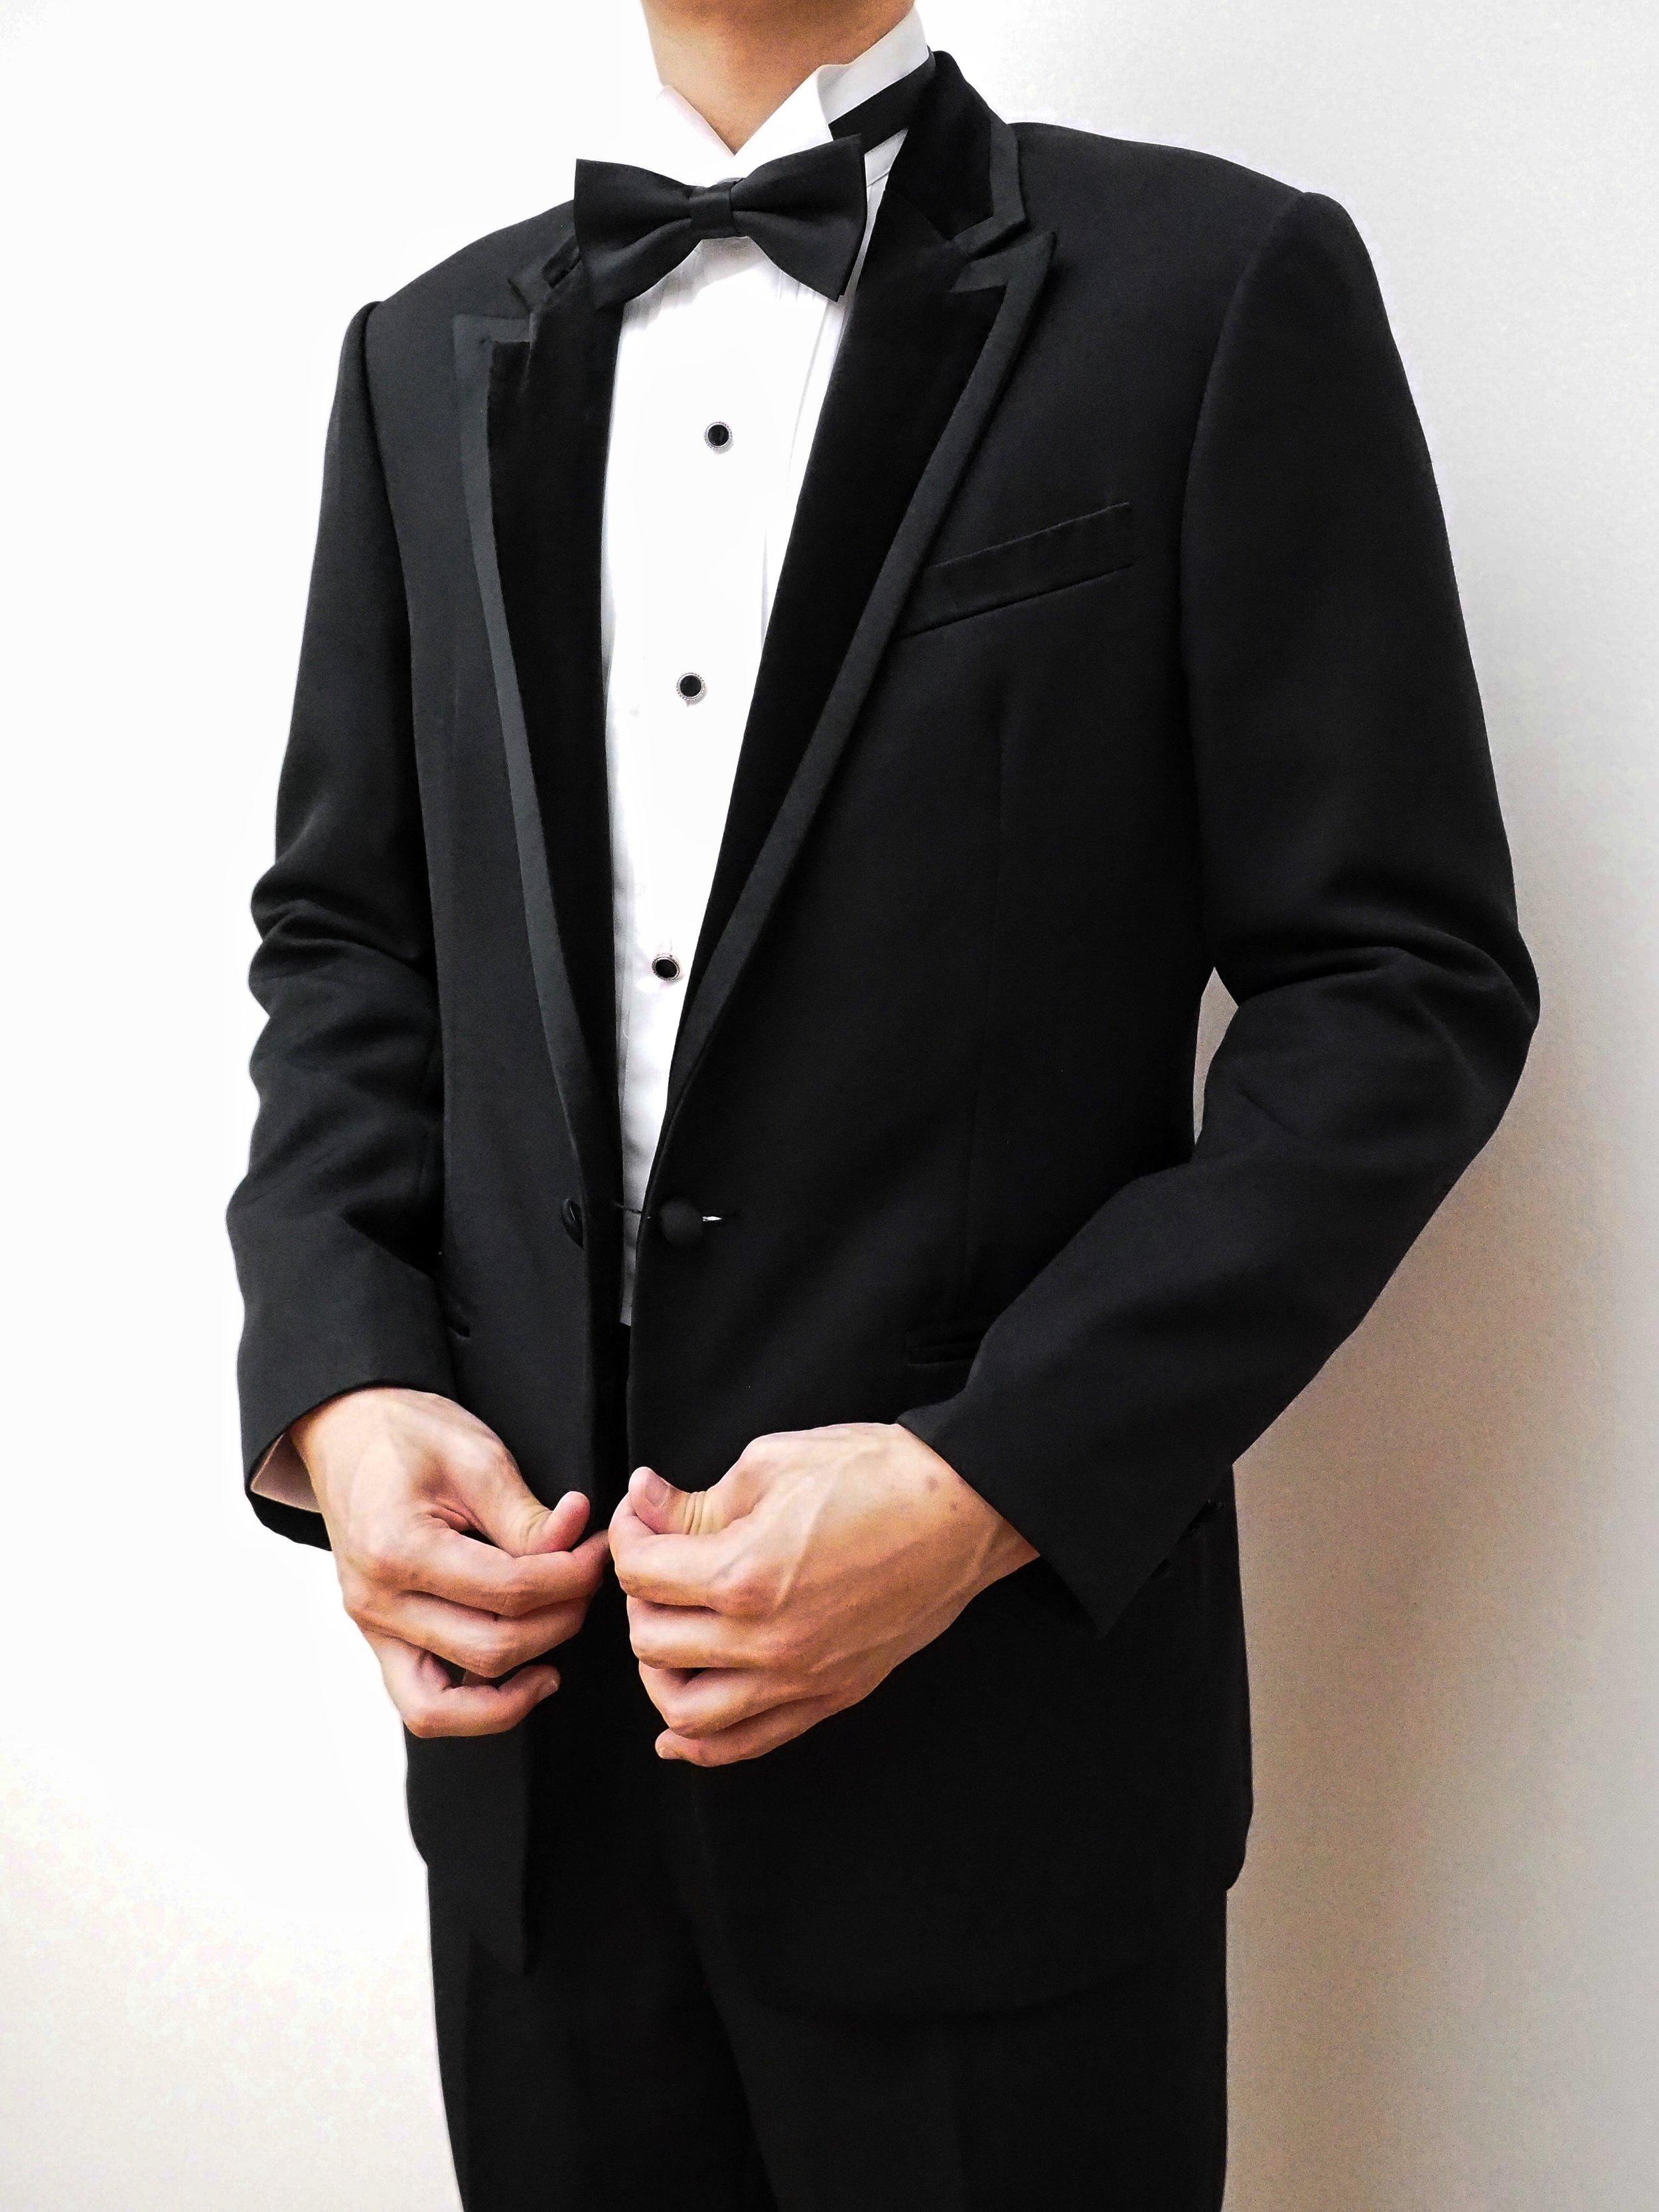 Velvet lapels on a black suit by CCM Wedding